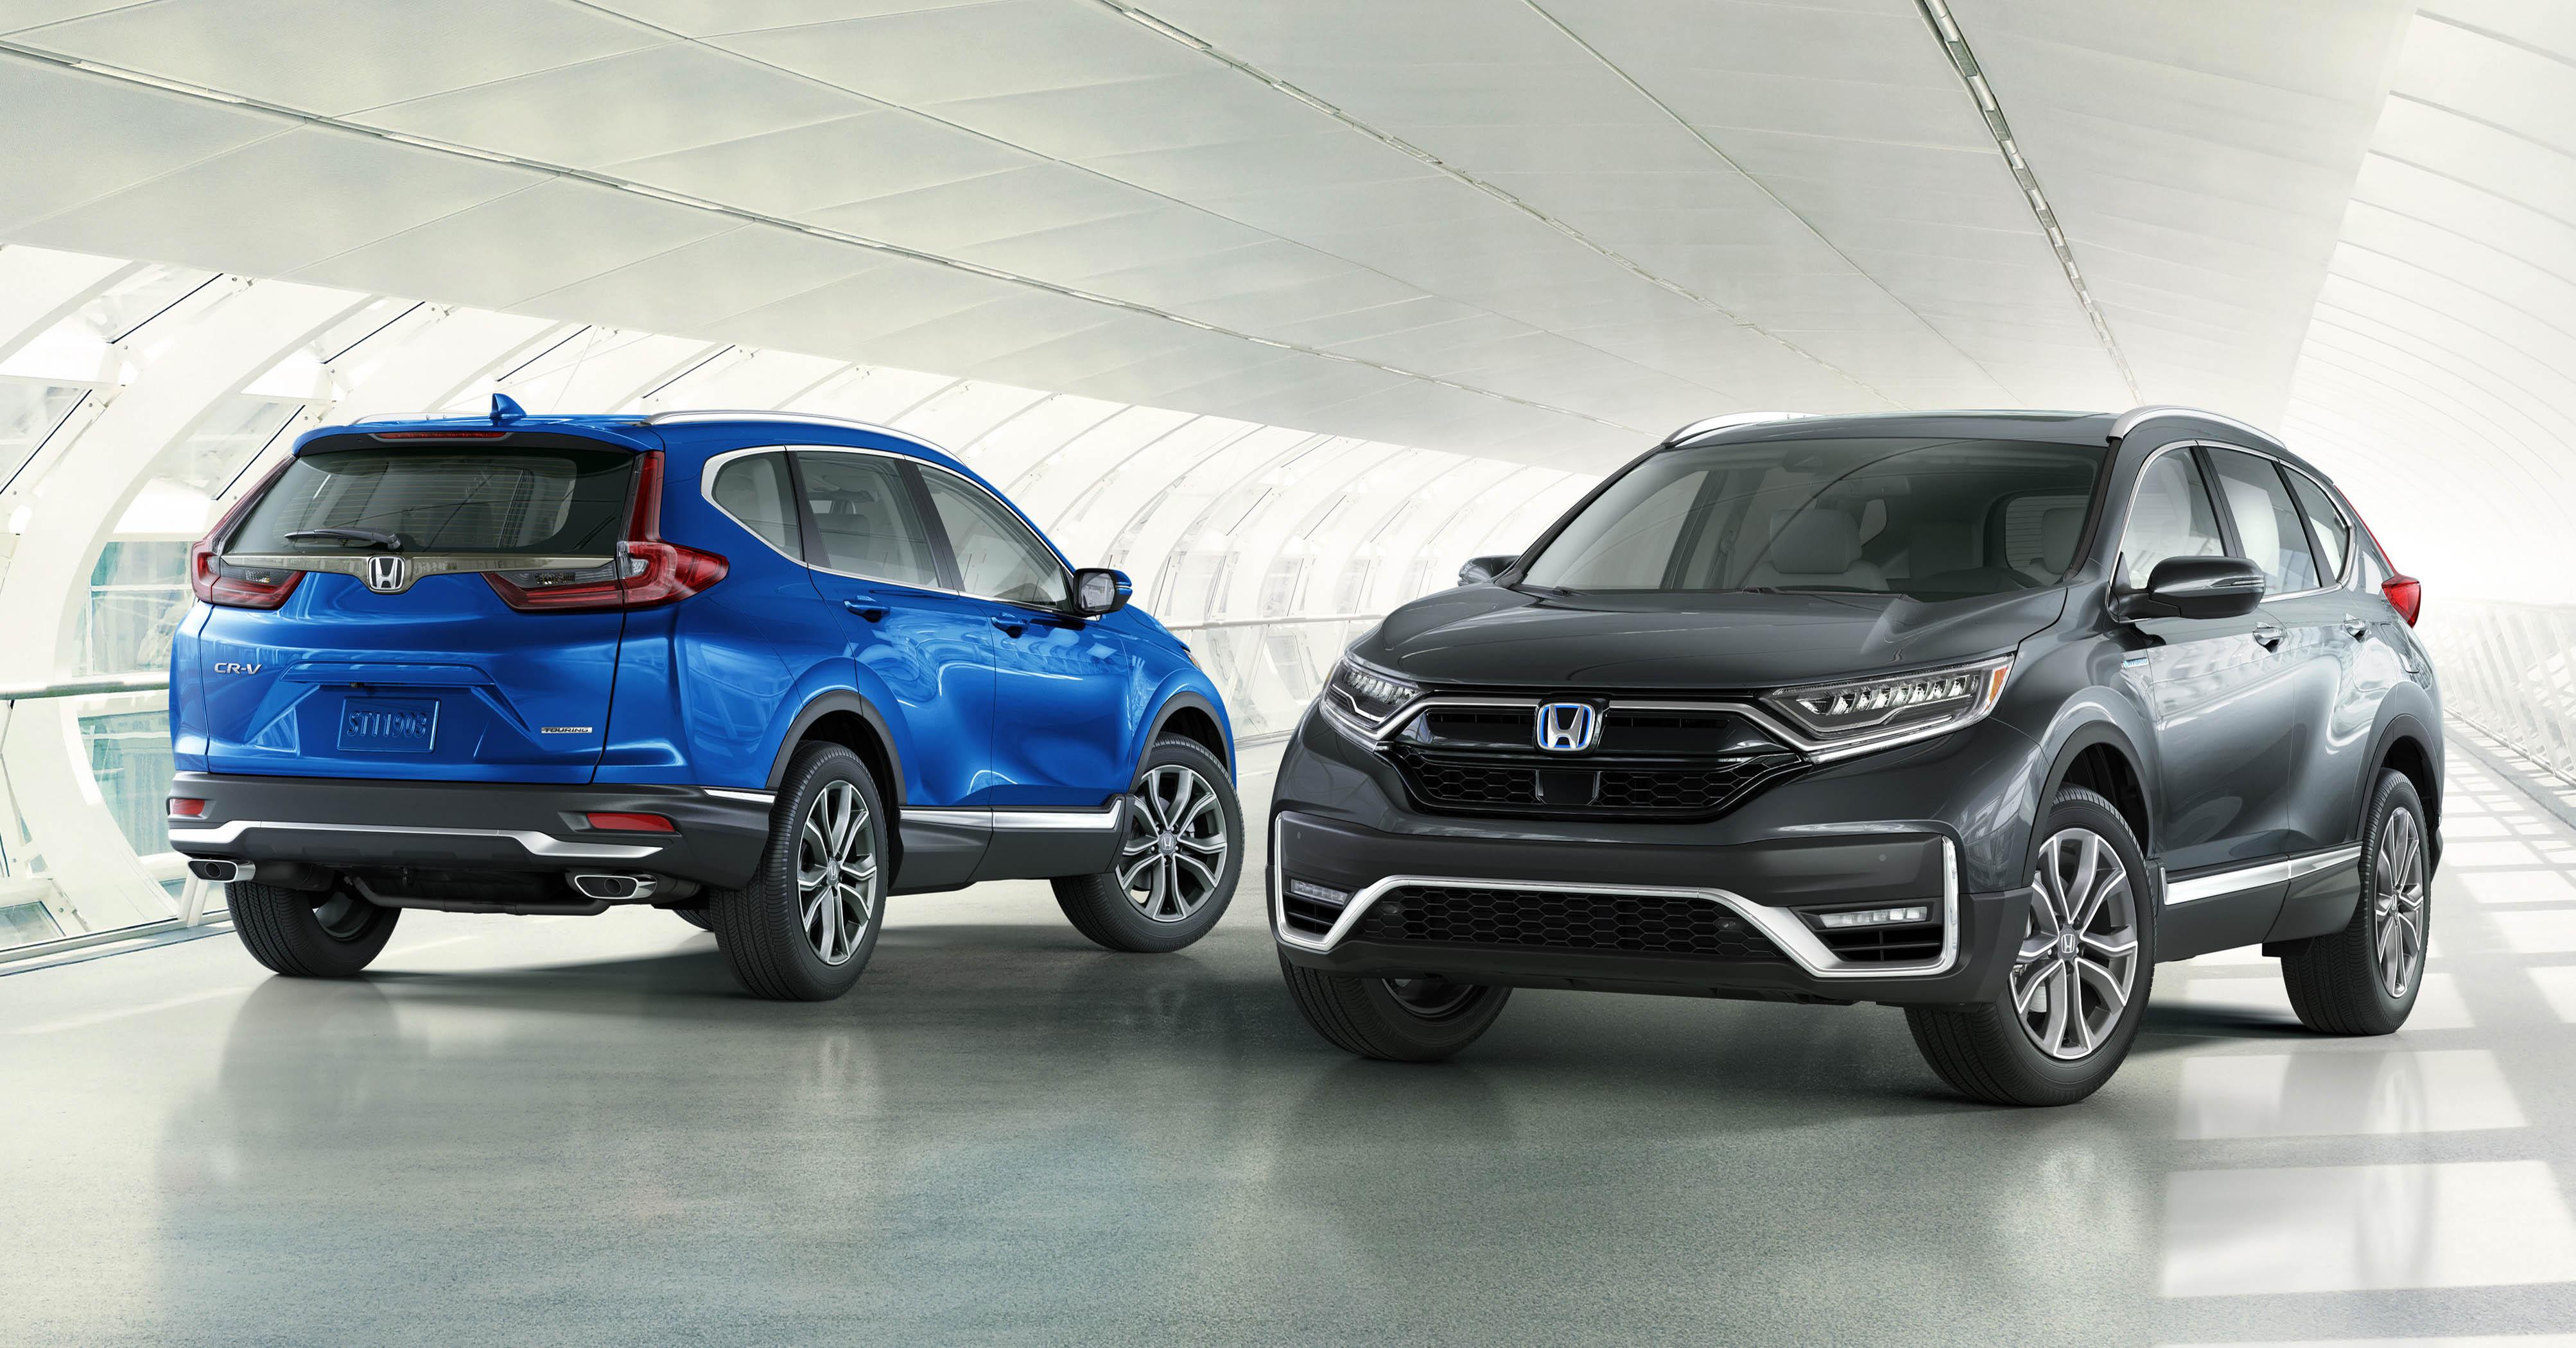 Kekurangan Harga Honda Crv 2018 Tangguh